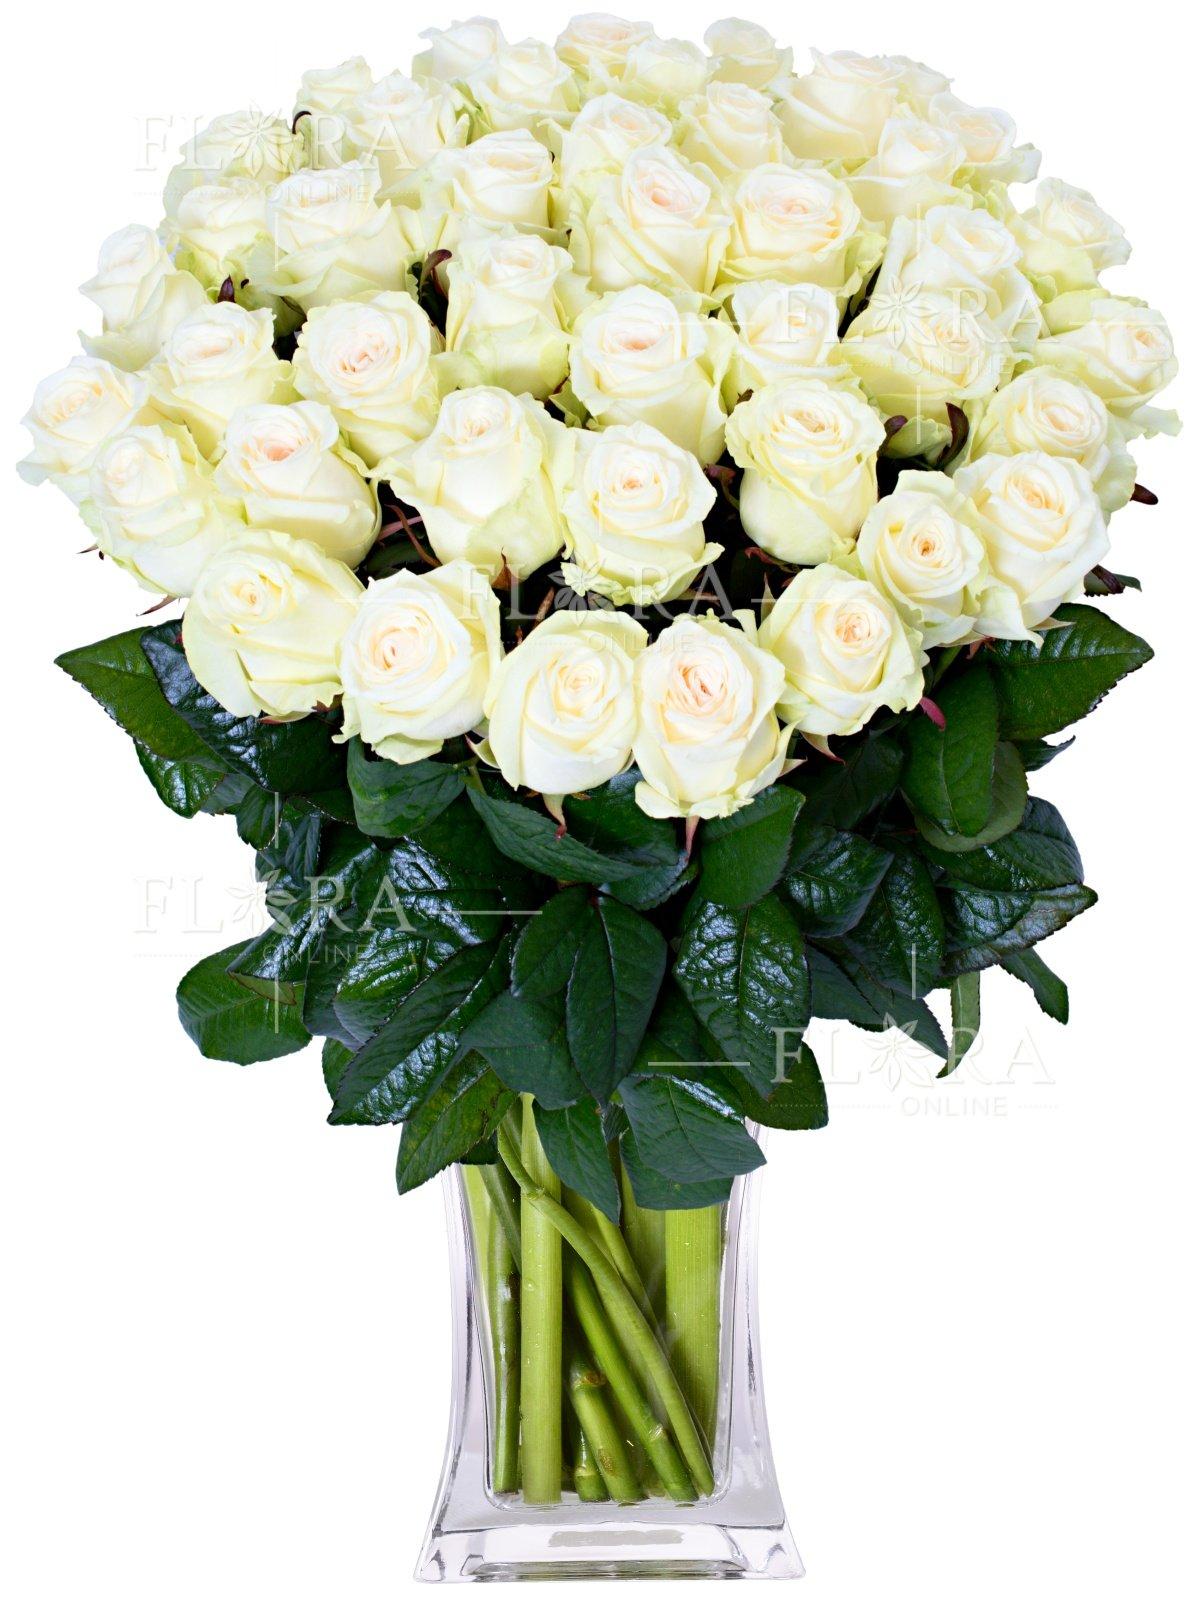 фото открытку из белых роз букет красивый него начиналось знакомство